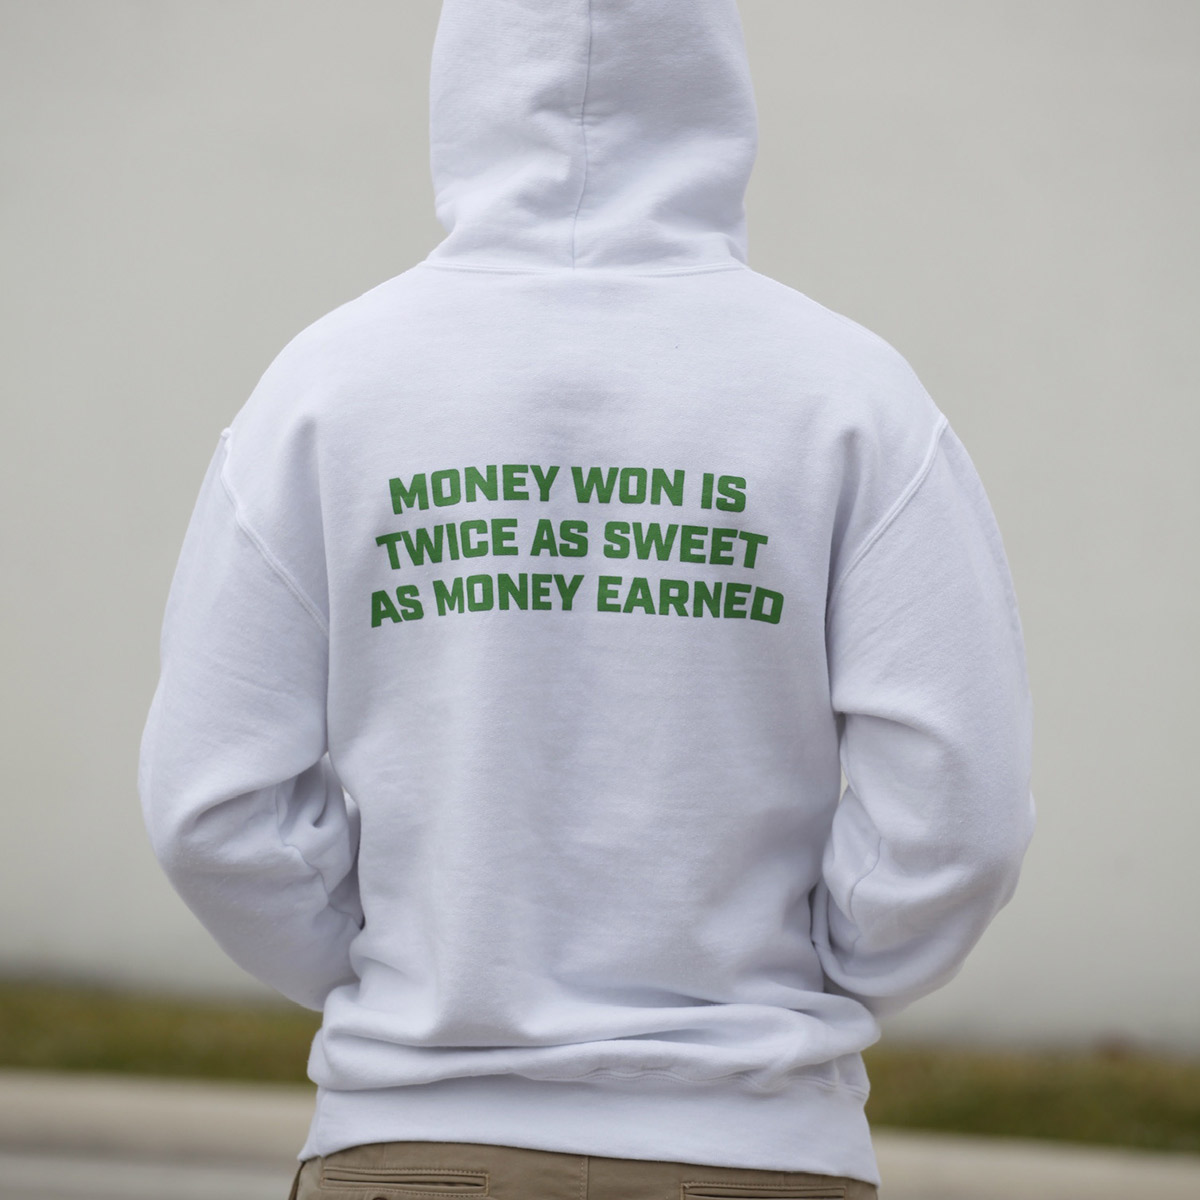 money won is twice as sweet as money earned - white hooded sweatshirt - back